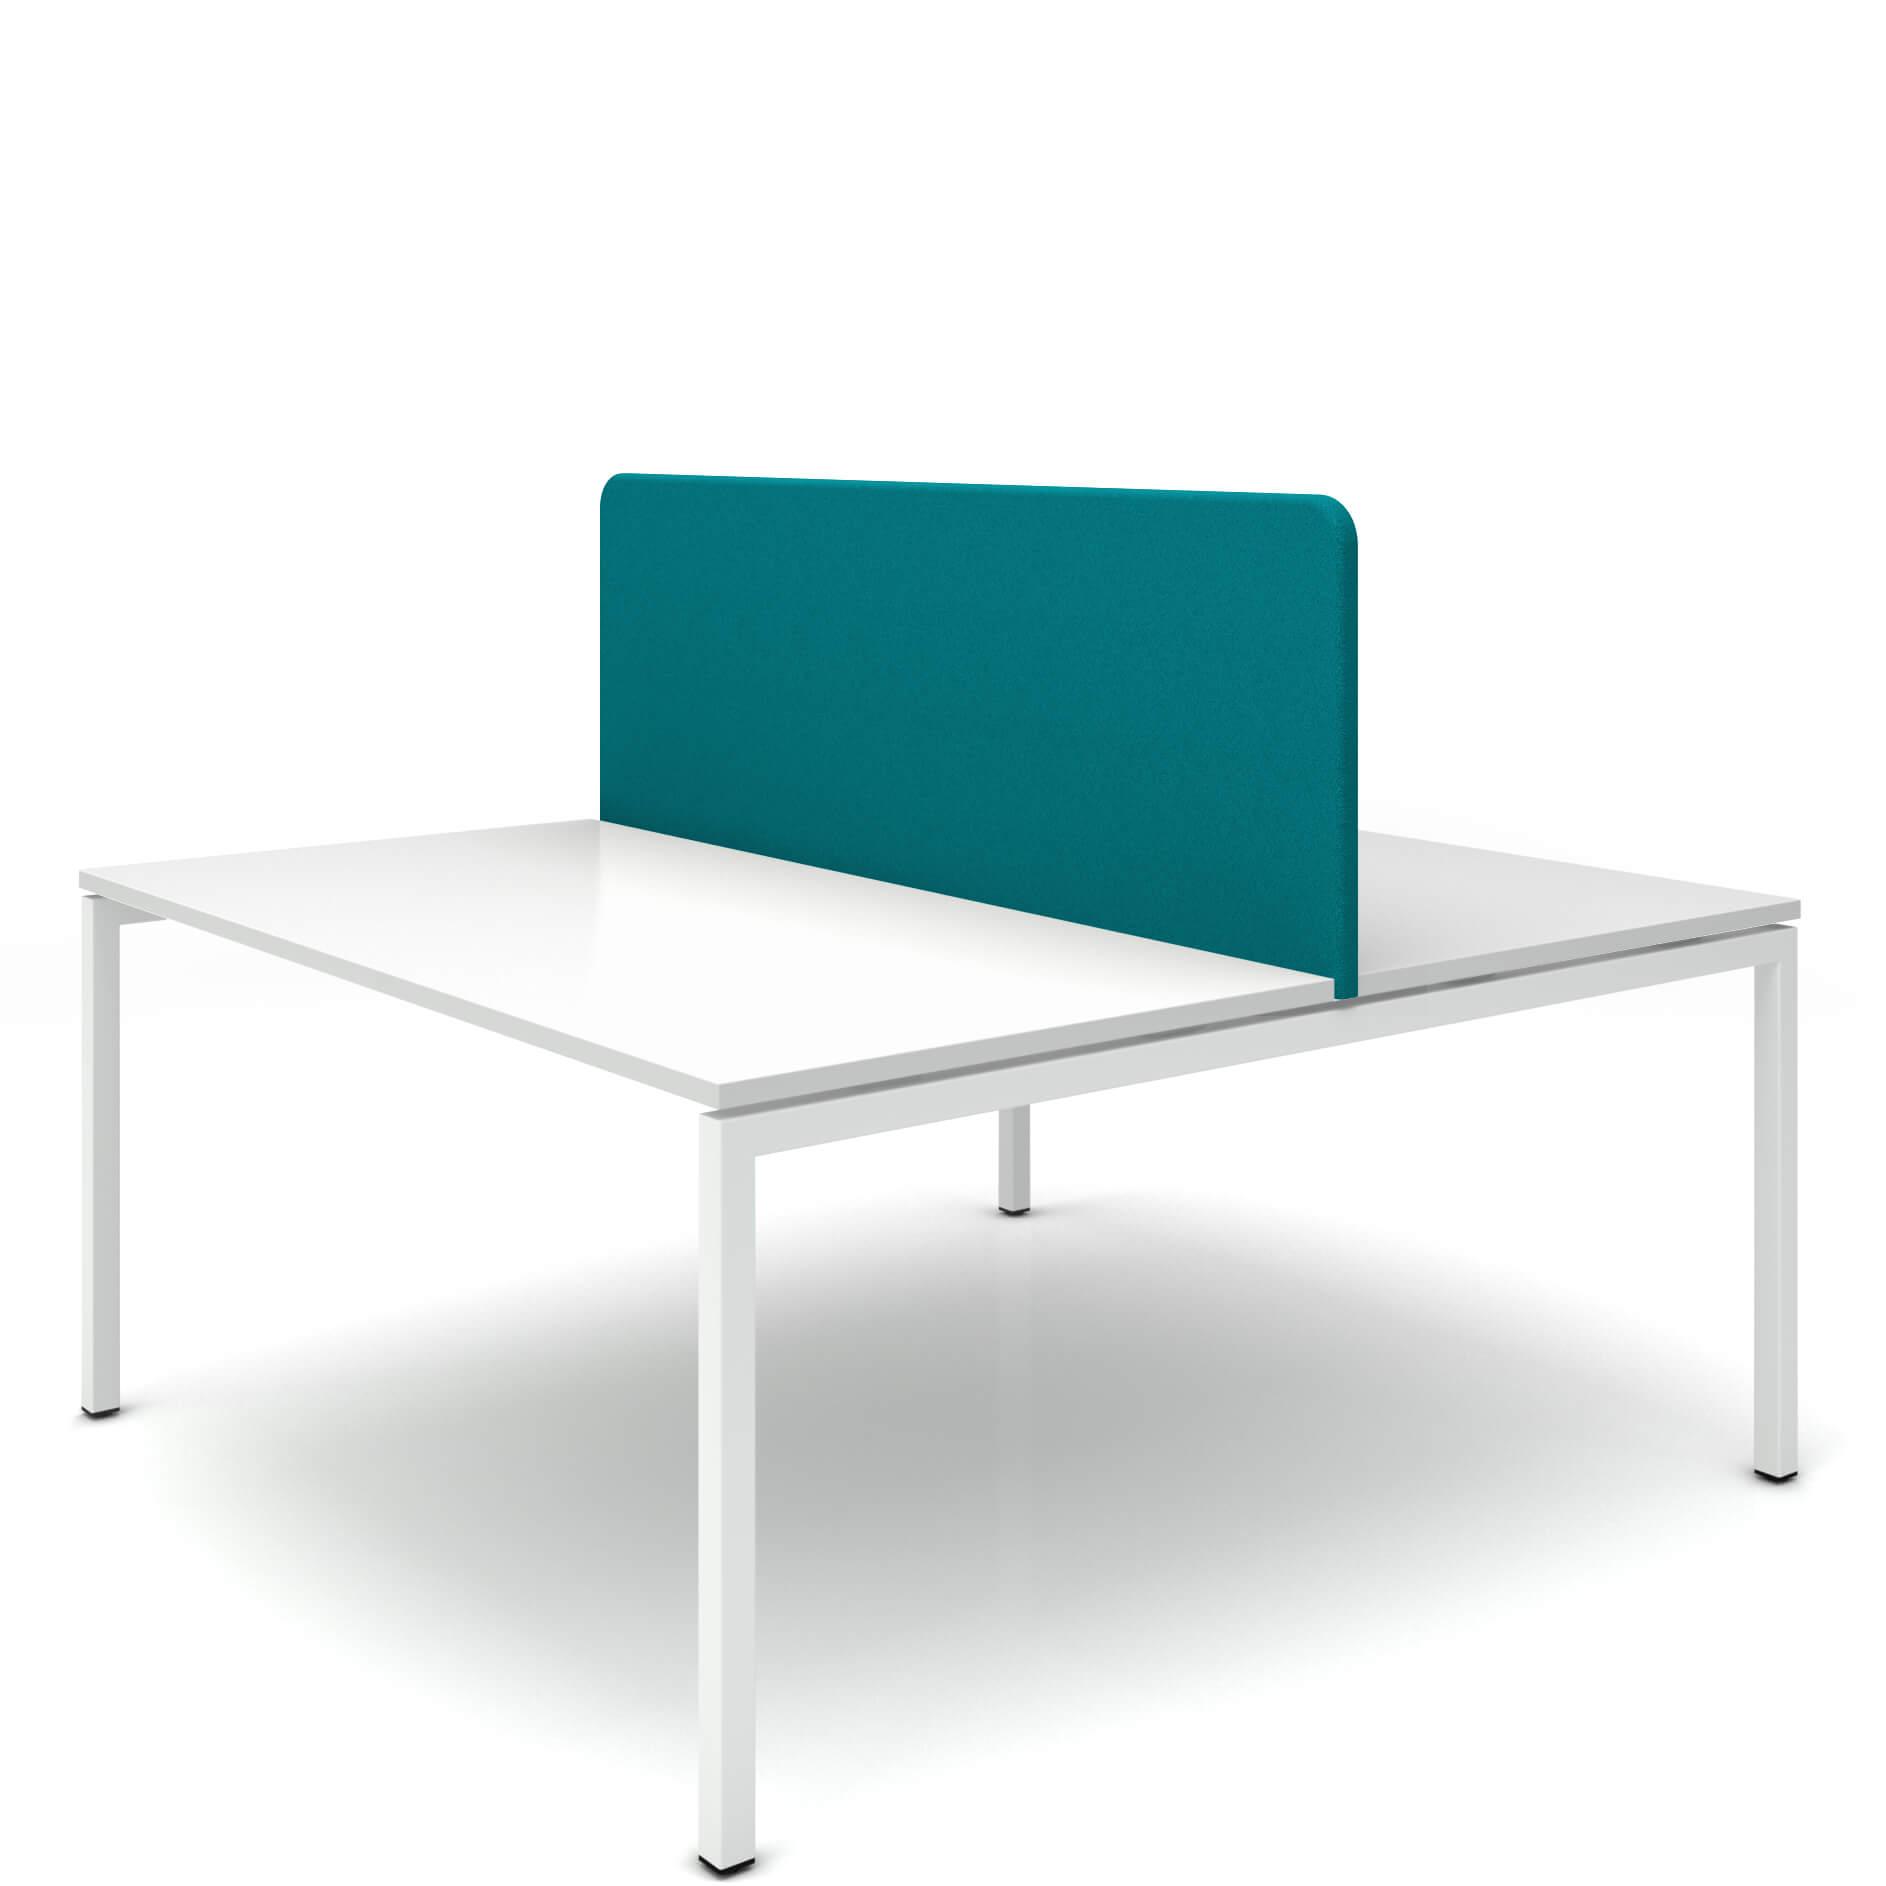 Akustik Bench-Tischtrennwand Sichtschutz Lärmschutz Schallabsorbierend Raumteiler TOP